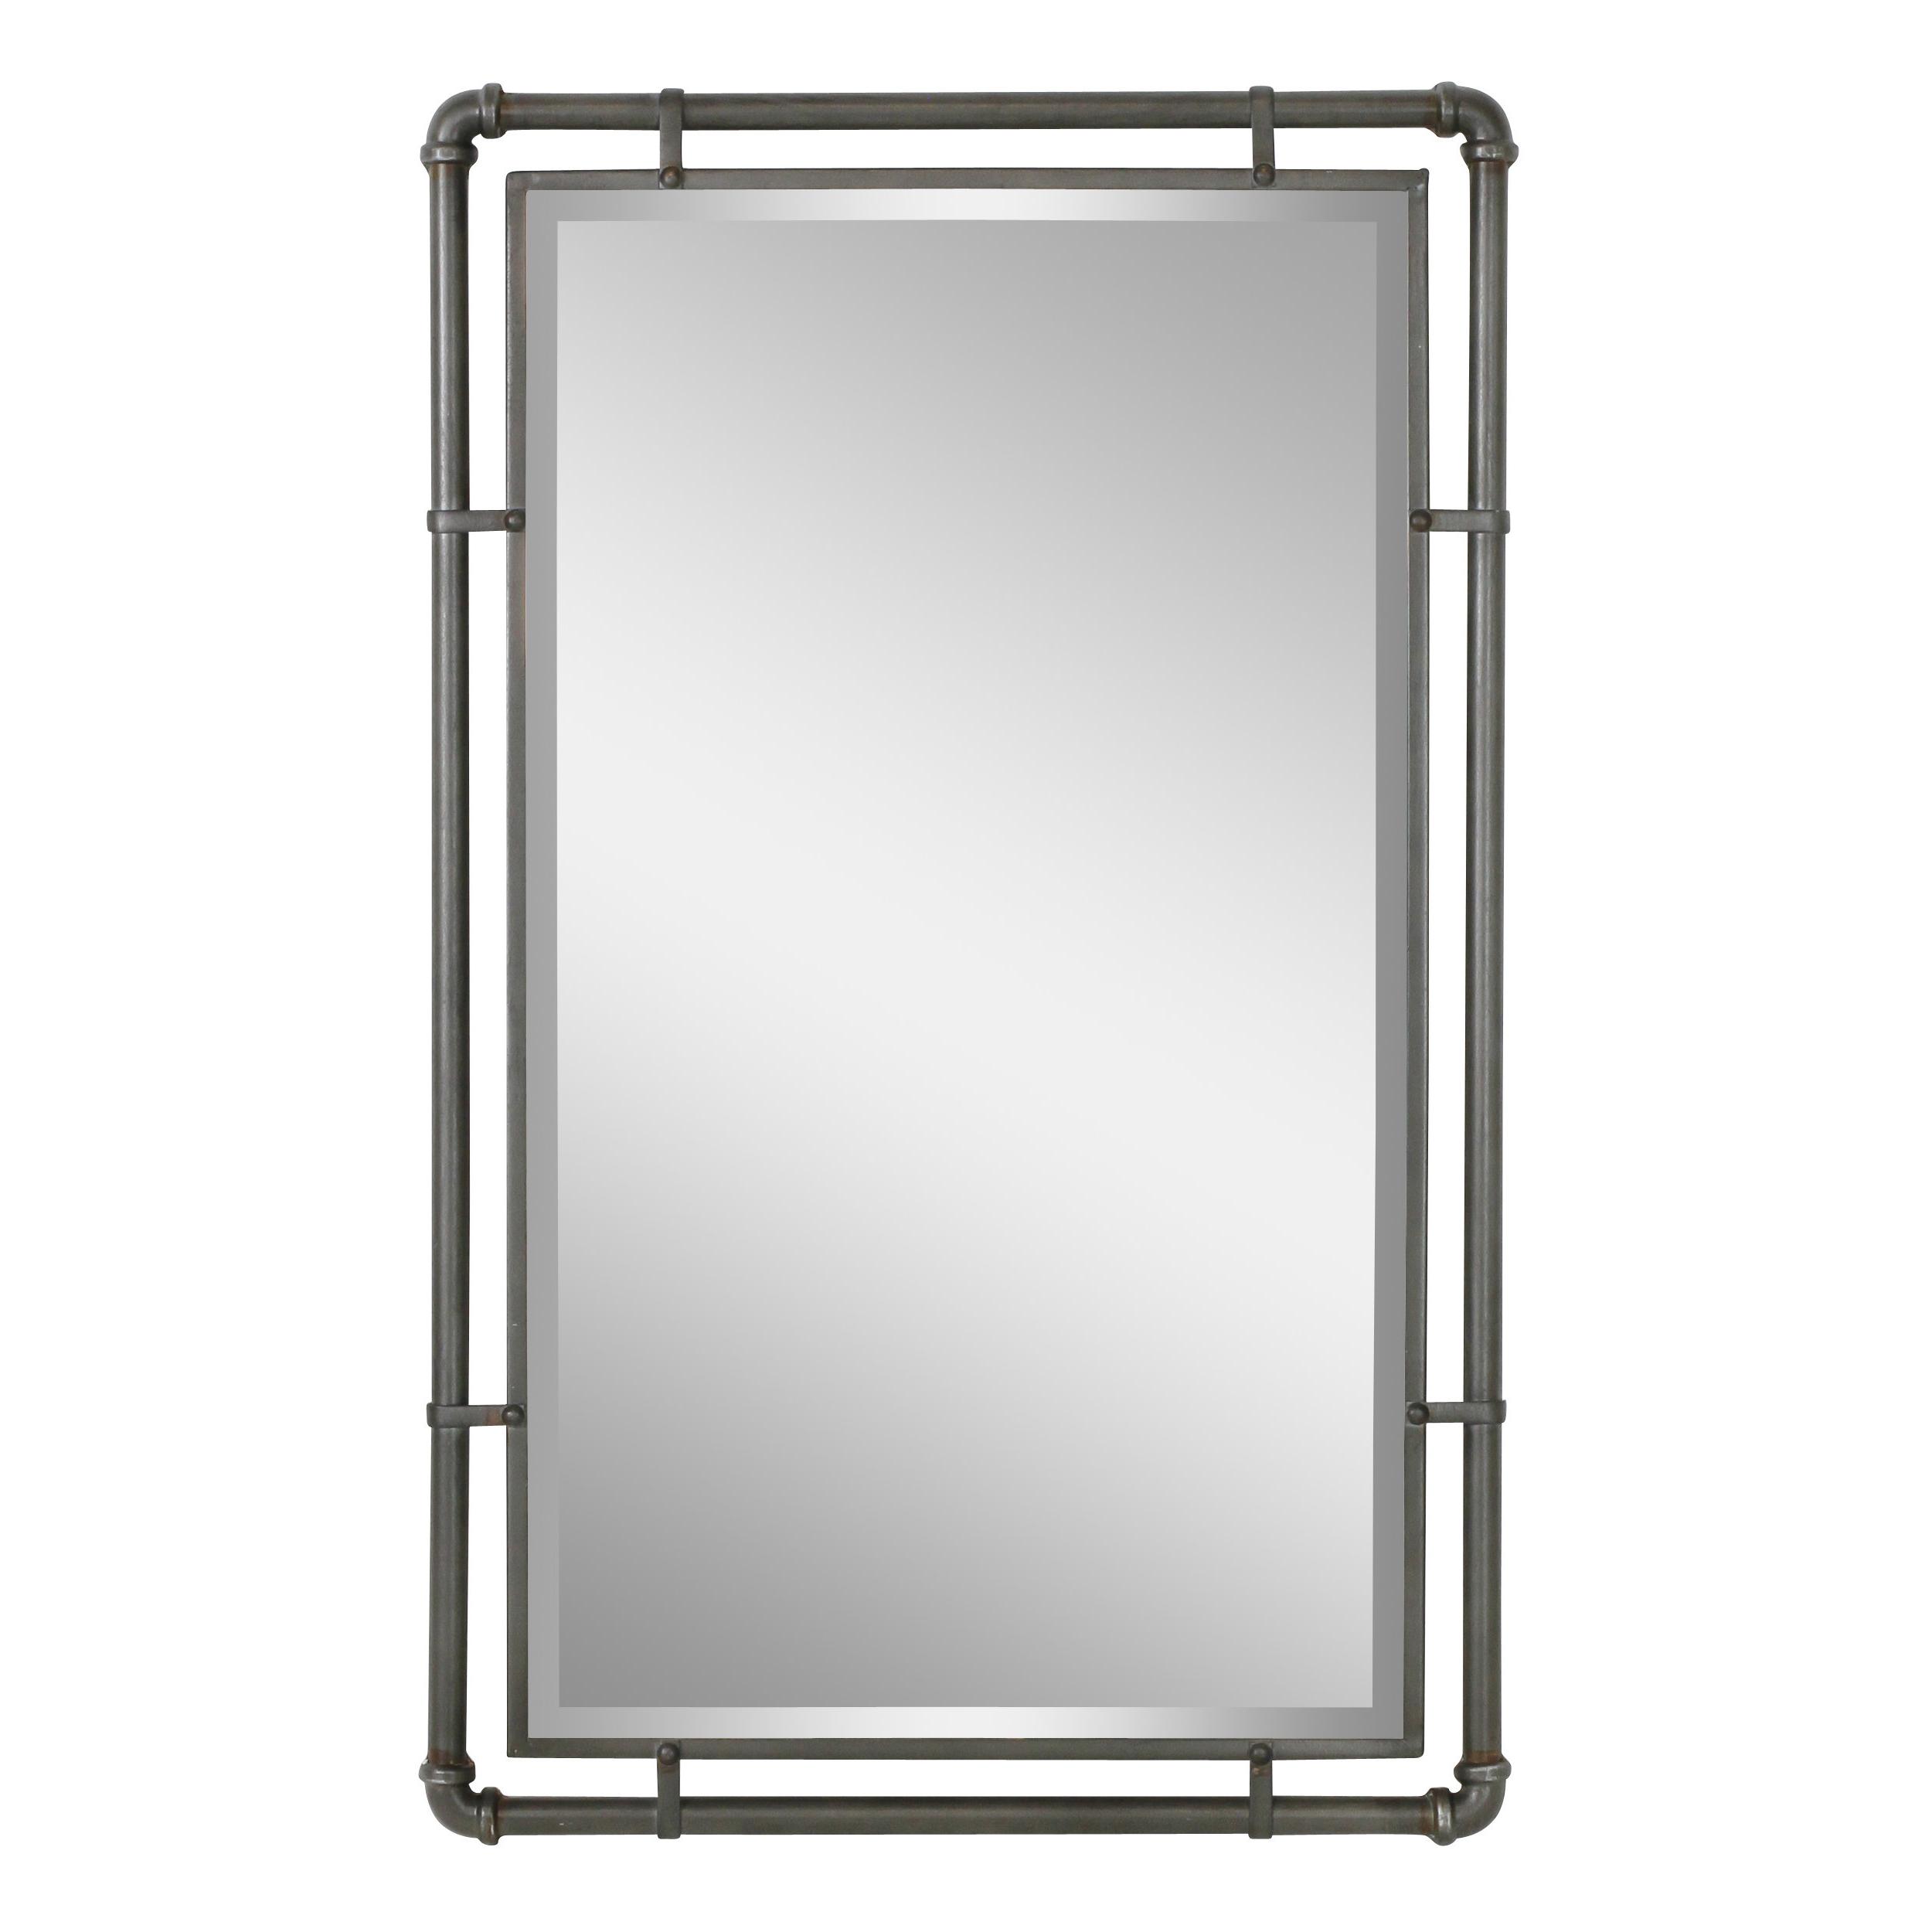 Koeller Industrial Metal Wall Mirrors Regarding Best And Newest Koeller Industrial Metal Wall Mirror (View 5 of 20)